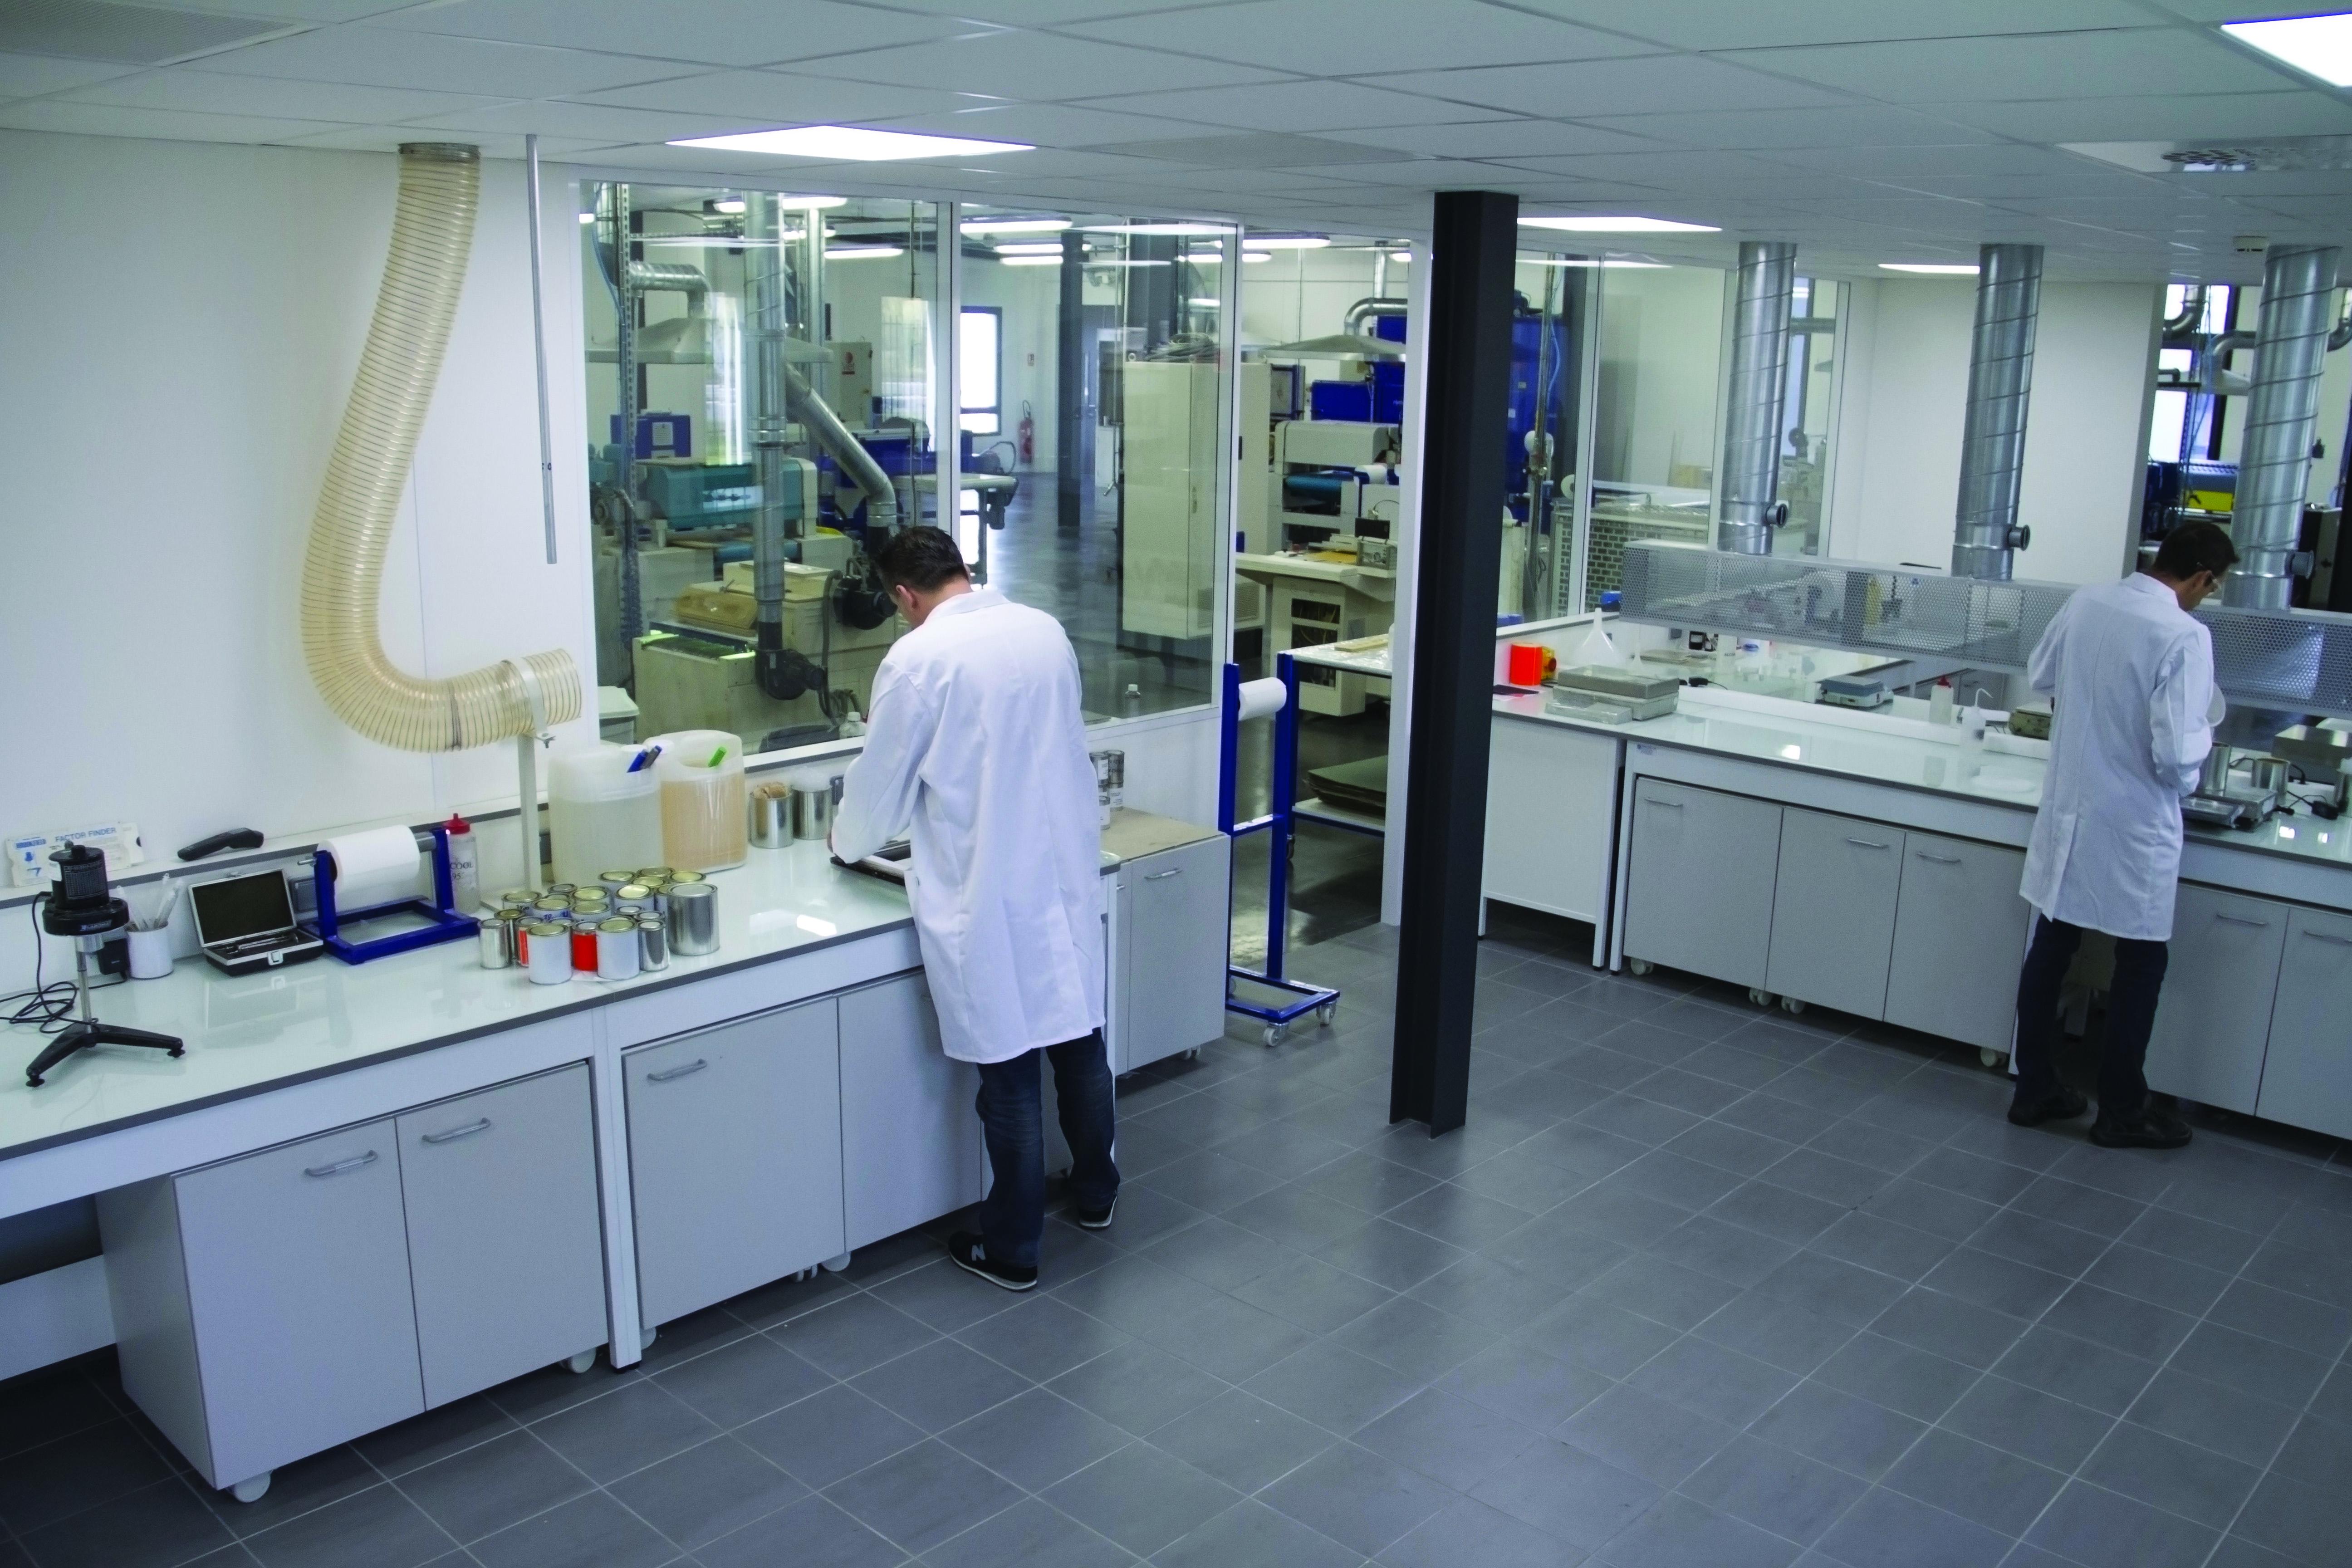 L'entreprise - Briançon production - Laboratoire de recherche